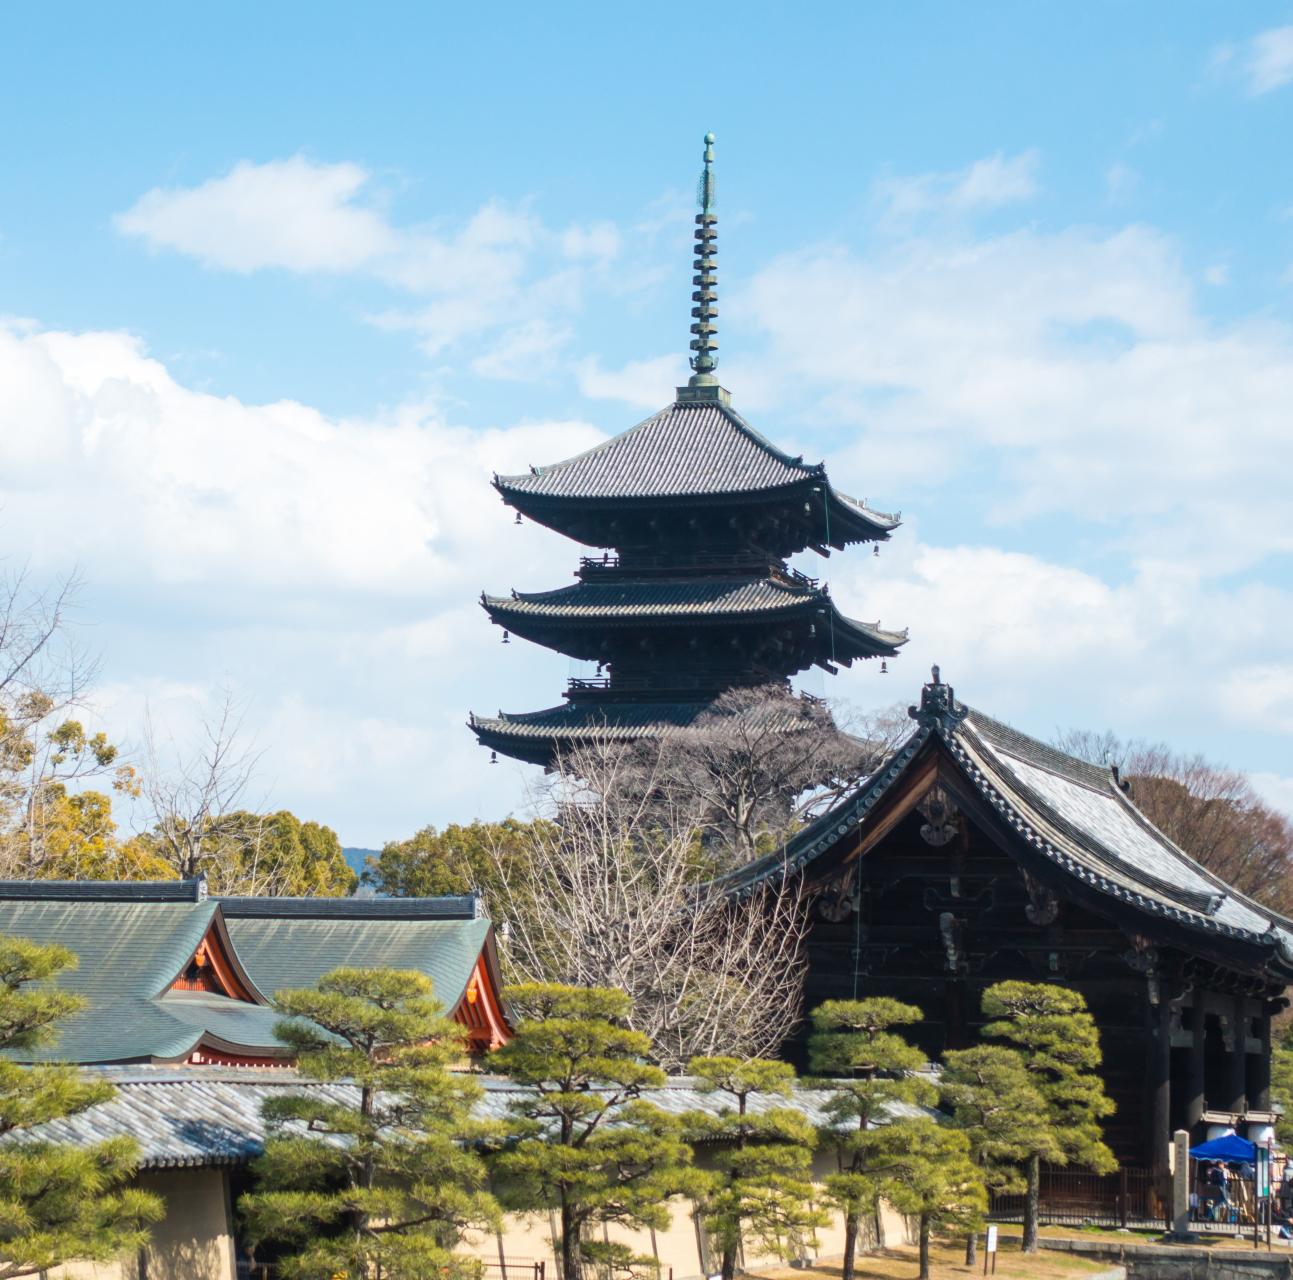 【5月】京都観光のおすすめ穴場スポット10選!